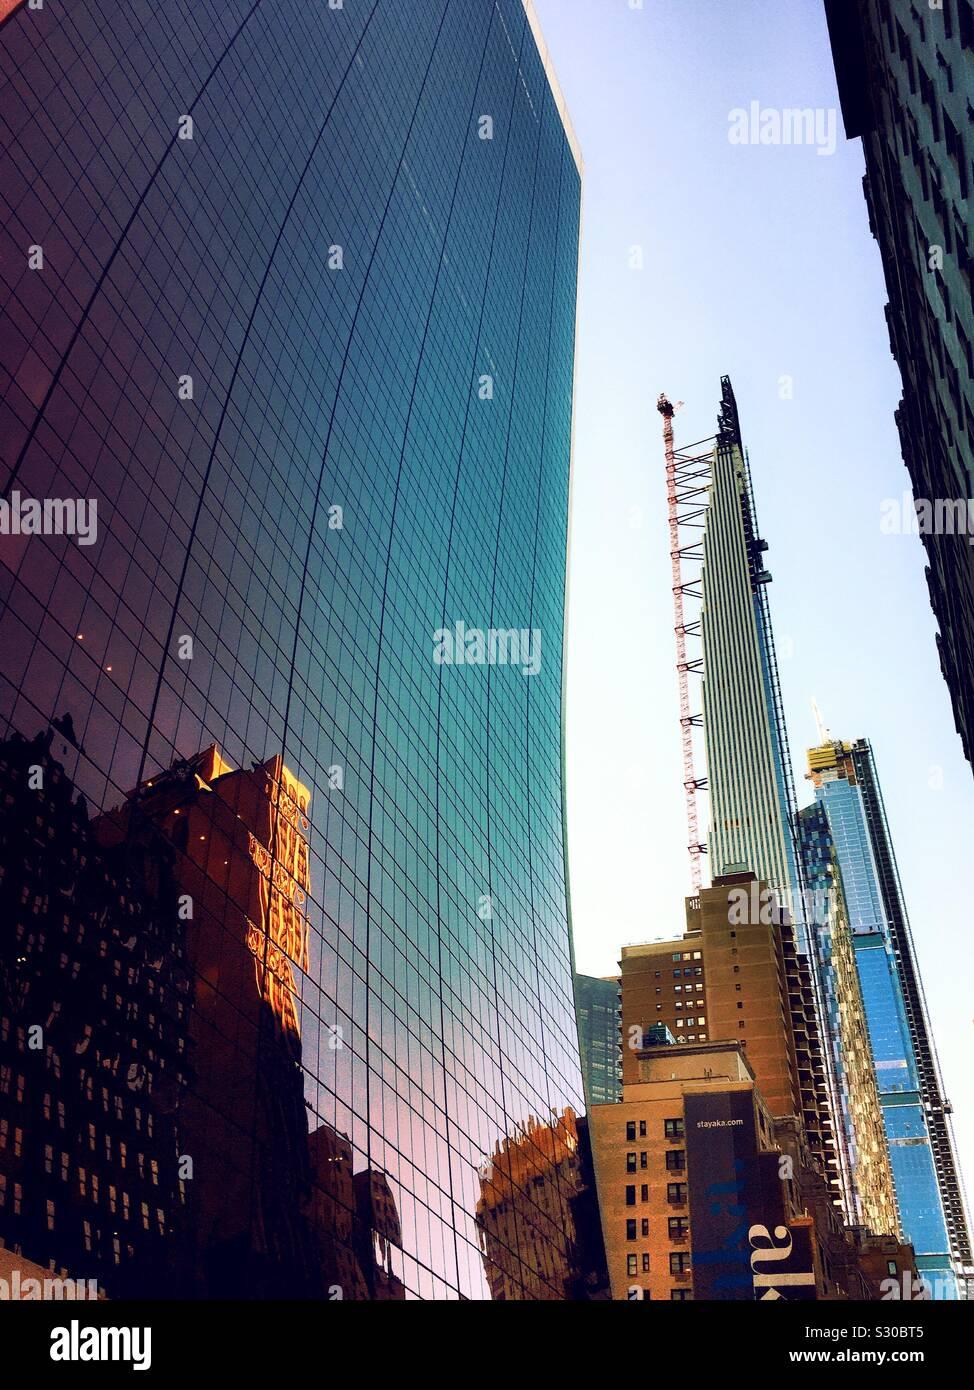 El súper alto rascacielos en 57th St., Steinway Tower está en construcción justo al sur del Central Park, en la Ciudad de Nueva York, EE.UU. Foto de stock